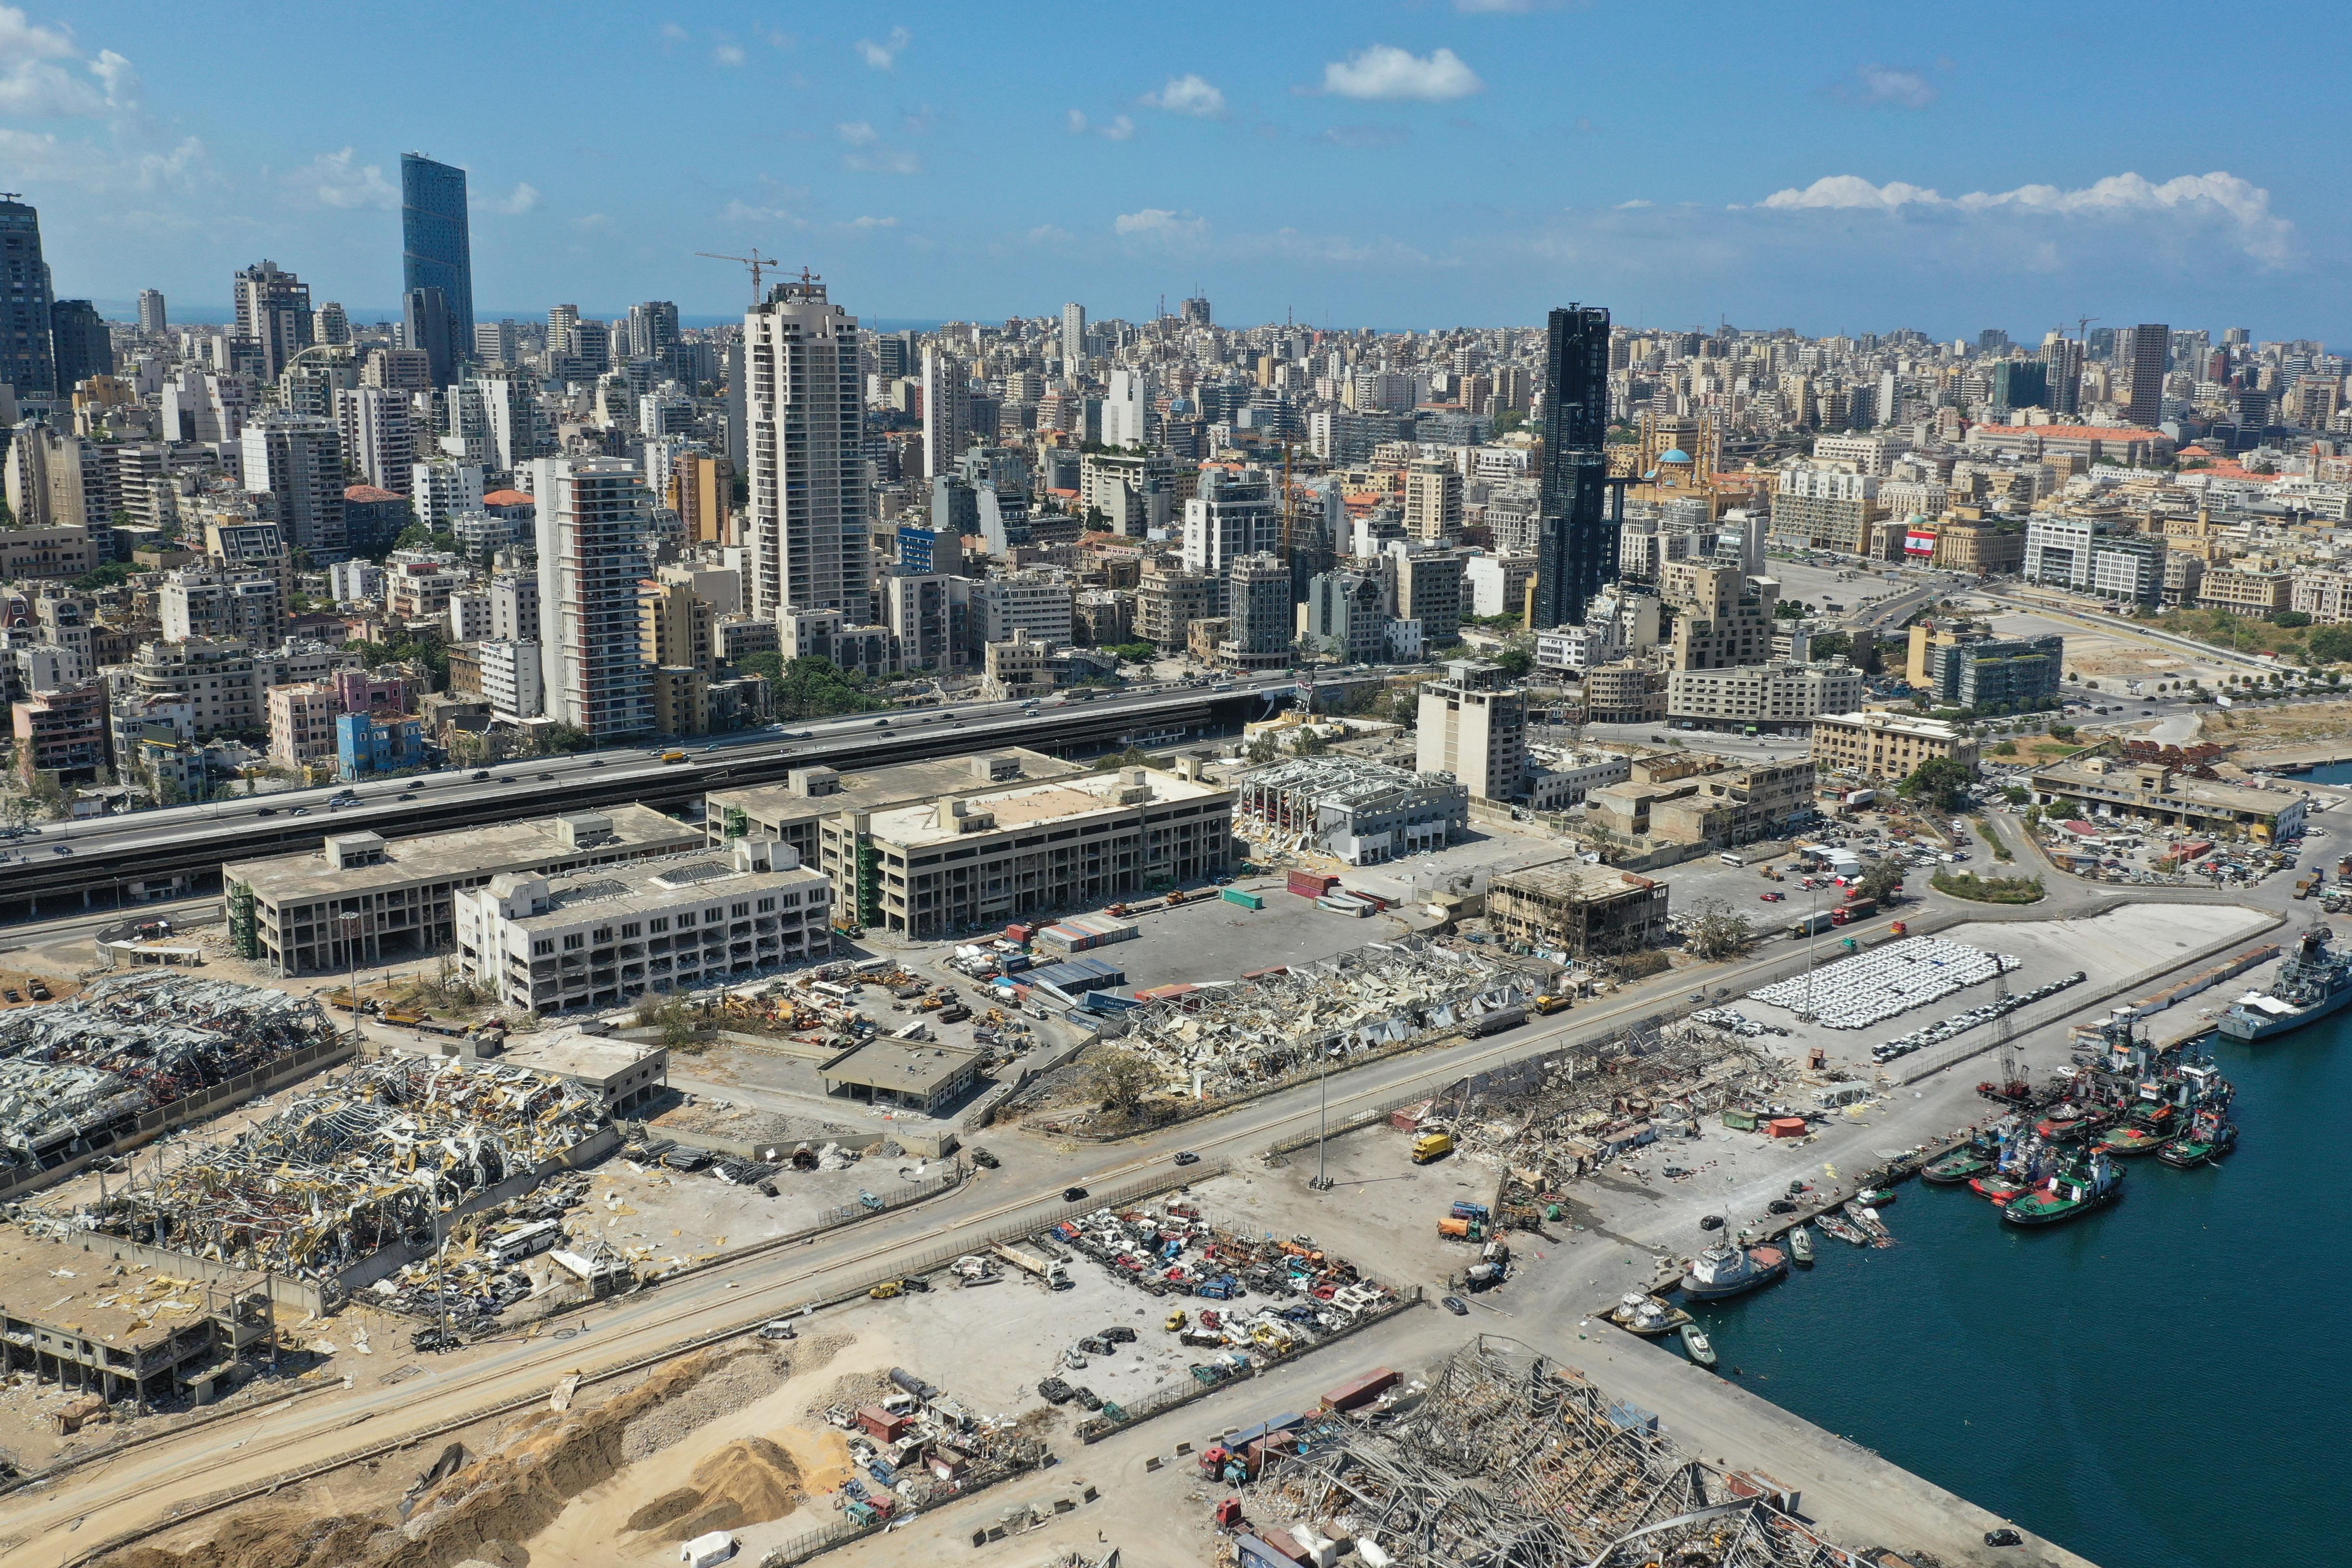 انفجار بيروت دمر مبان ومنازل وشرد أكثر من 300 ألف شخص بعد مقتل أكثر من 150 وإصابة نحو ستة آلاف